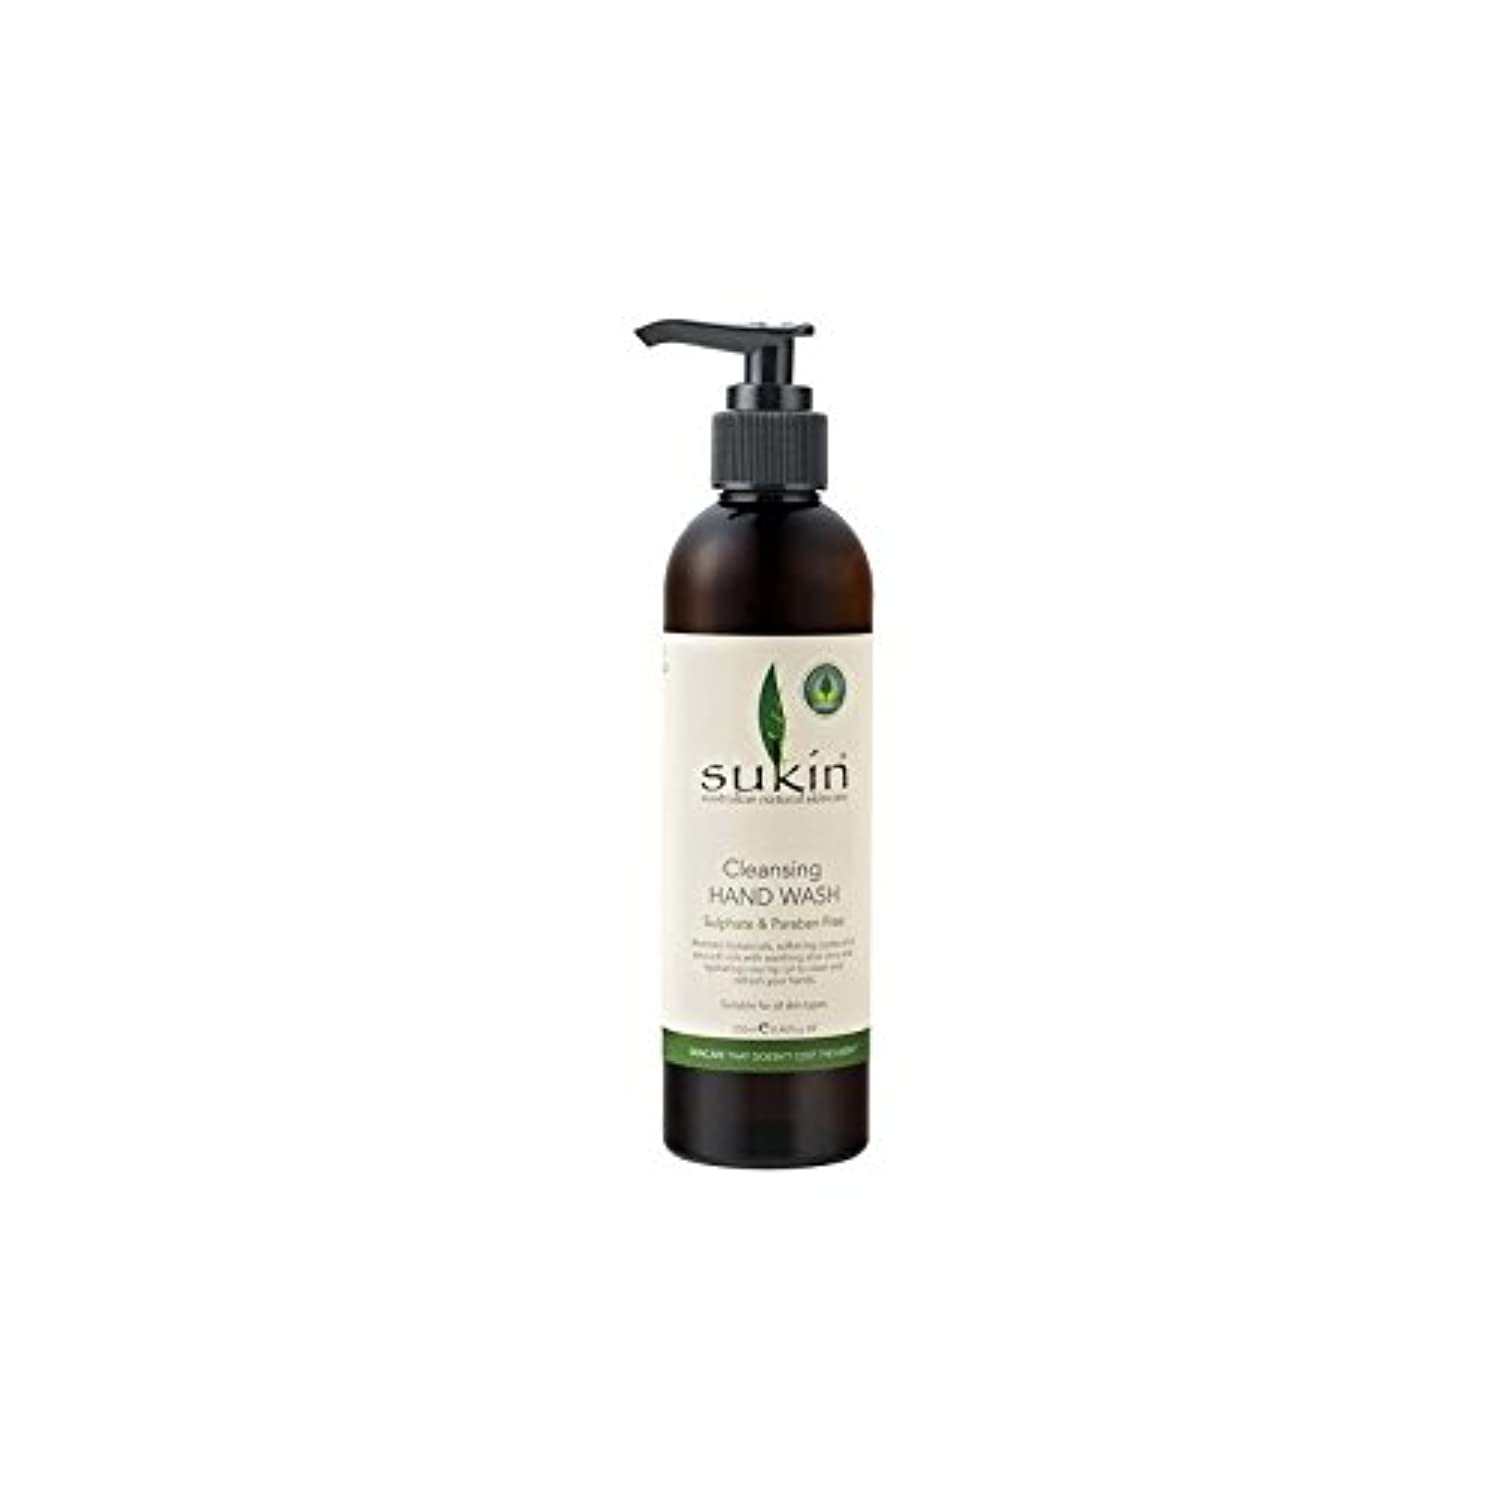 コーンウォール北植物学者Sukin Cleansing Hand Wash (250ml) - クレンジングハンドウォッシュ(250ミリリットル) [並行輸入品]